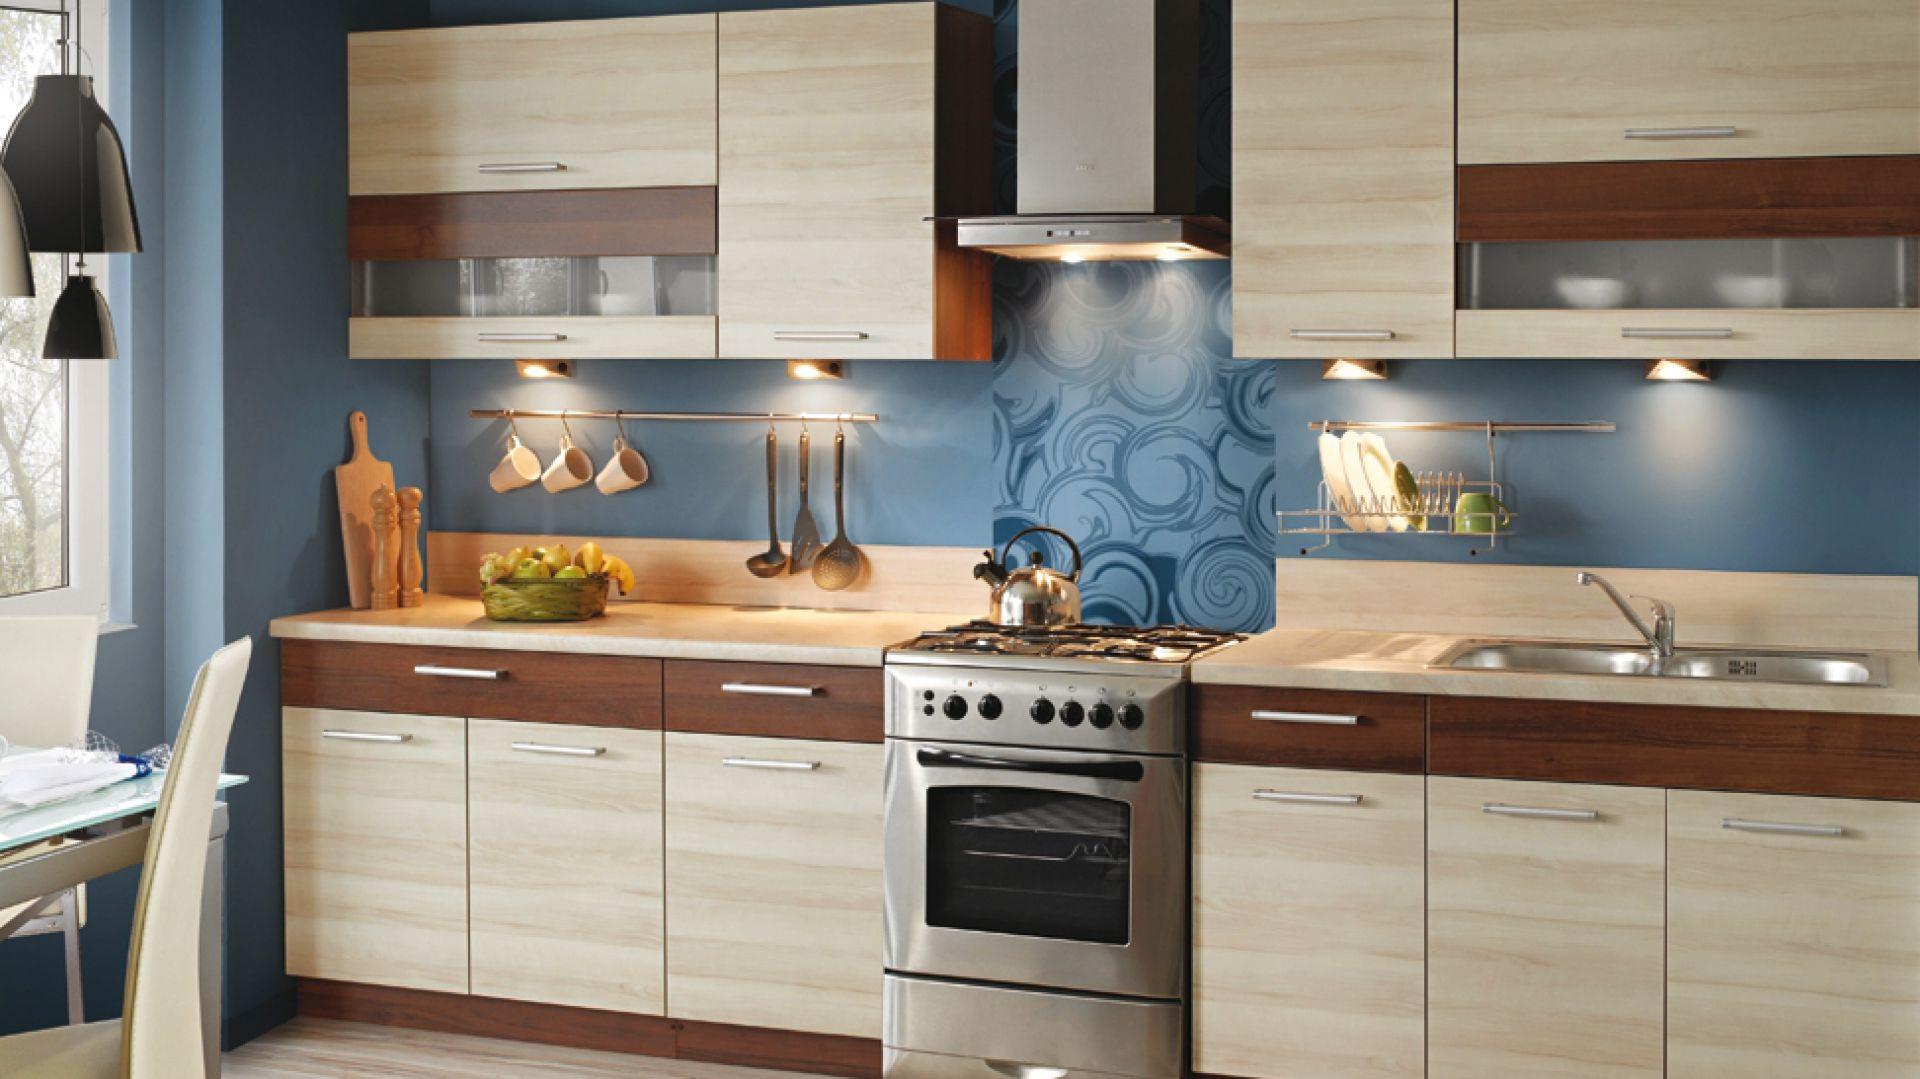 Kuchnia inspirowana rysunkiem drewna z drzew owocowych: orzech z gruszą. Fot. KAM Kuchnie